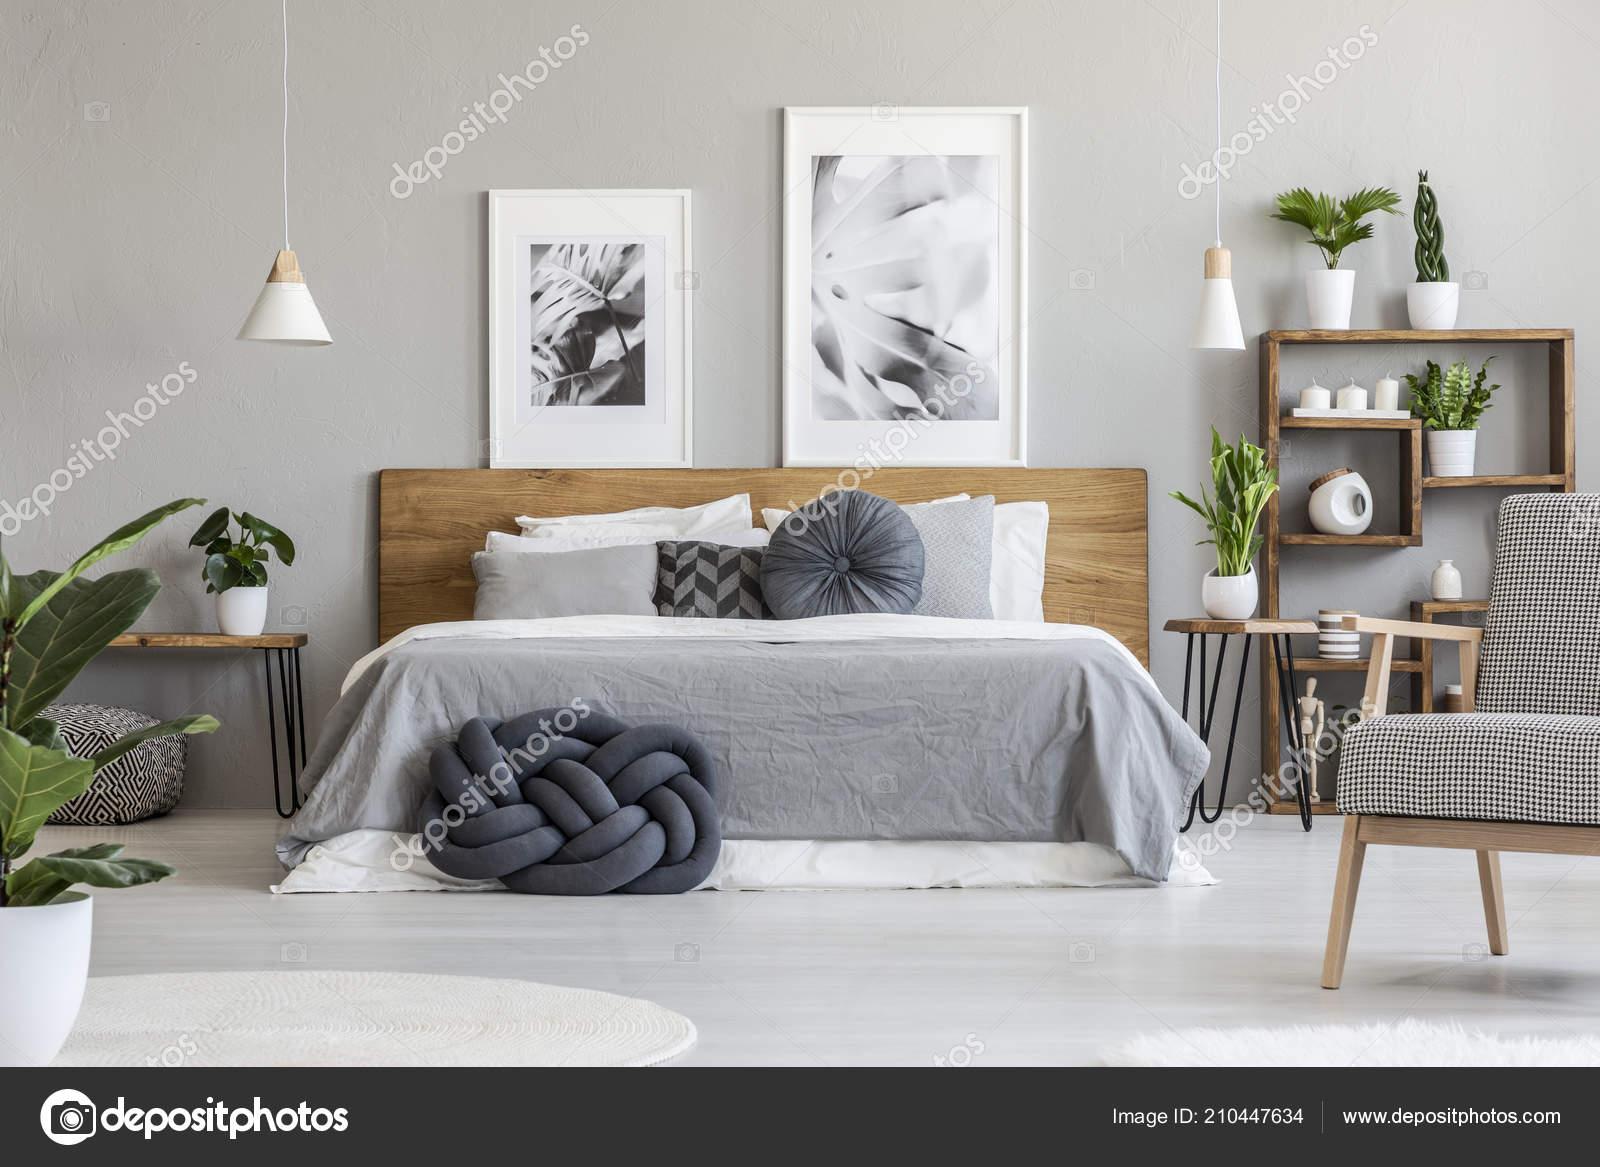 Posters boven houten bed grijs slaapkamer interieur met planten